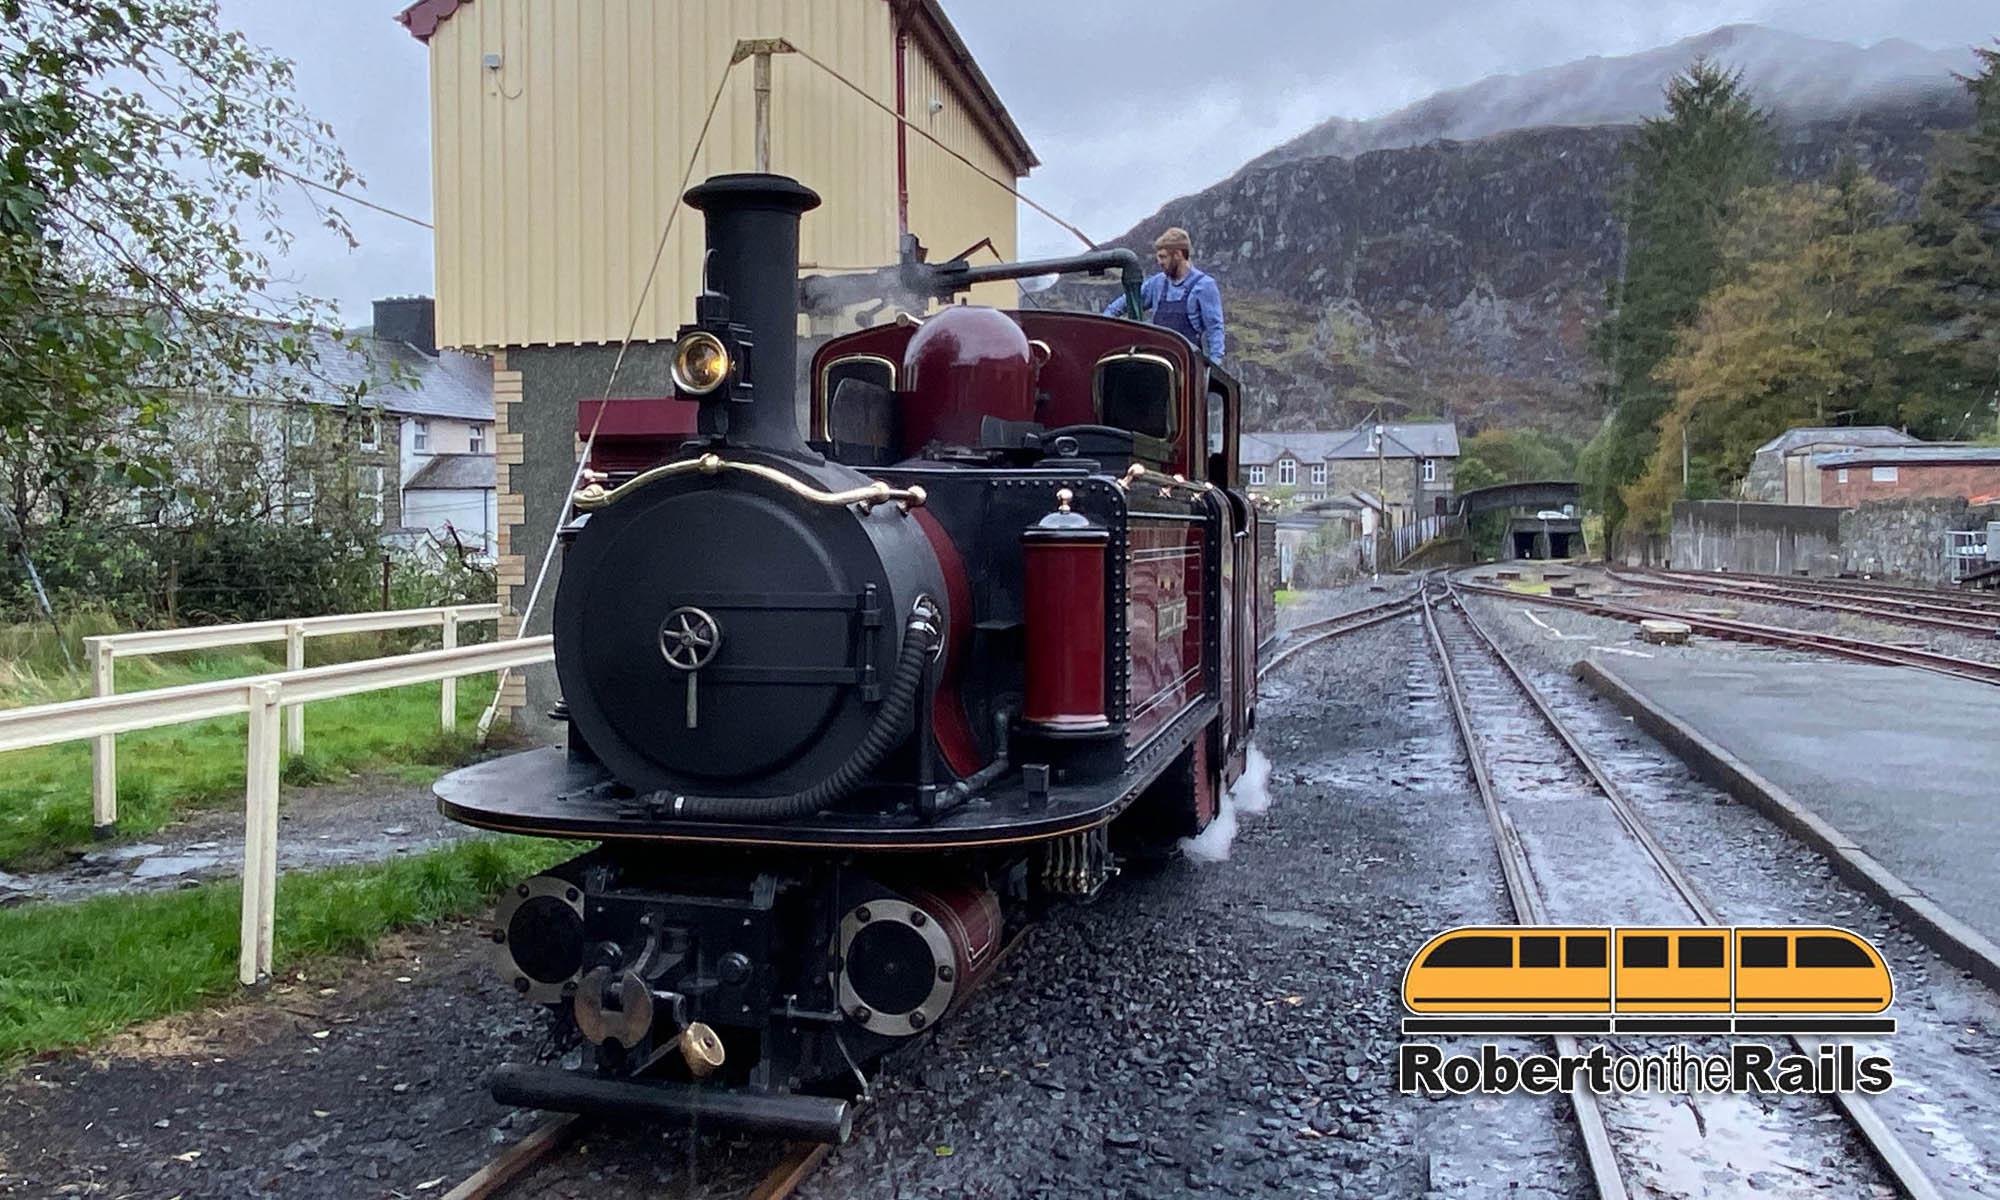 Ffestiniog Railway & Portmeirion on the Railways of Wales tour